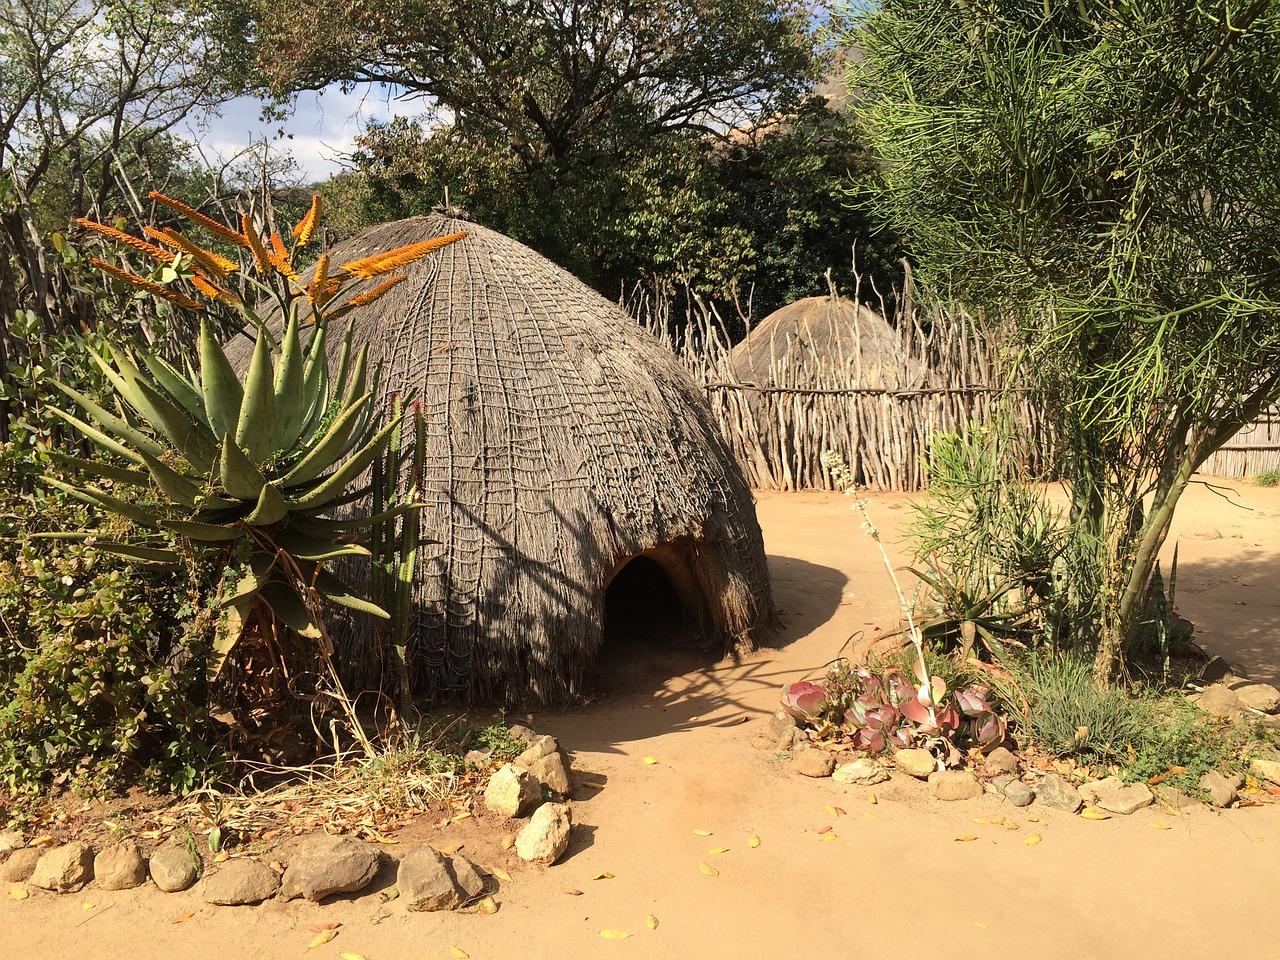 pontos turísticos da áfrica